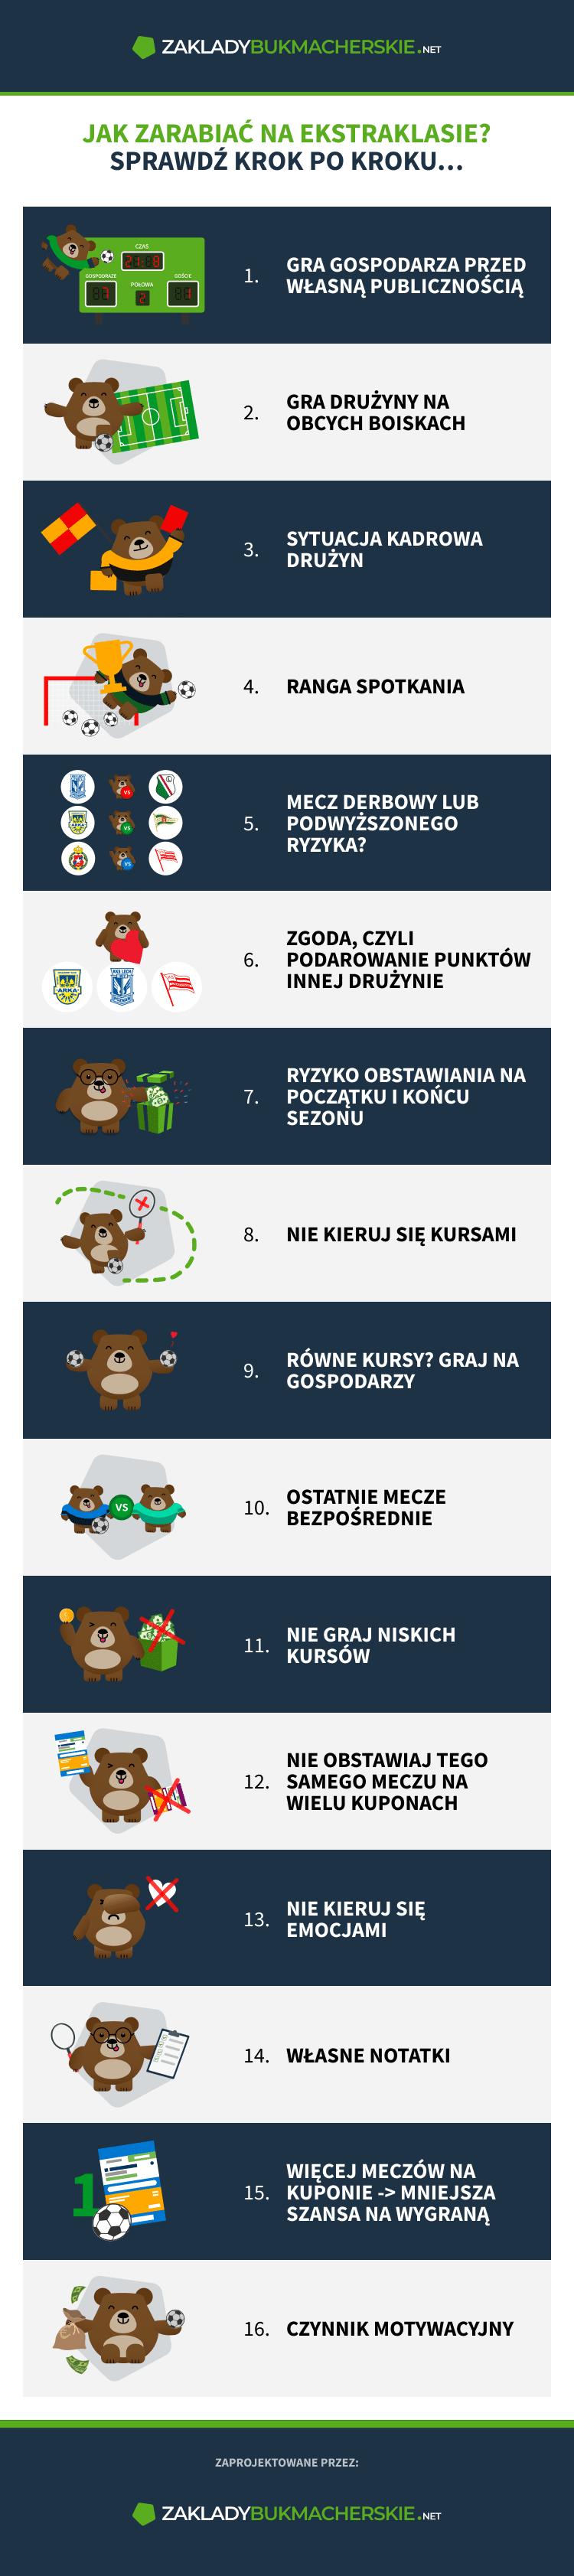 infographic-jak-zarabiac-na-ekstraklasie